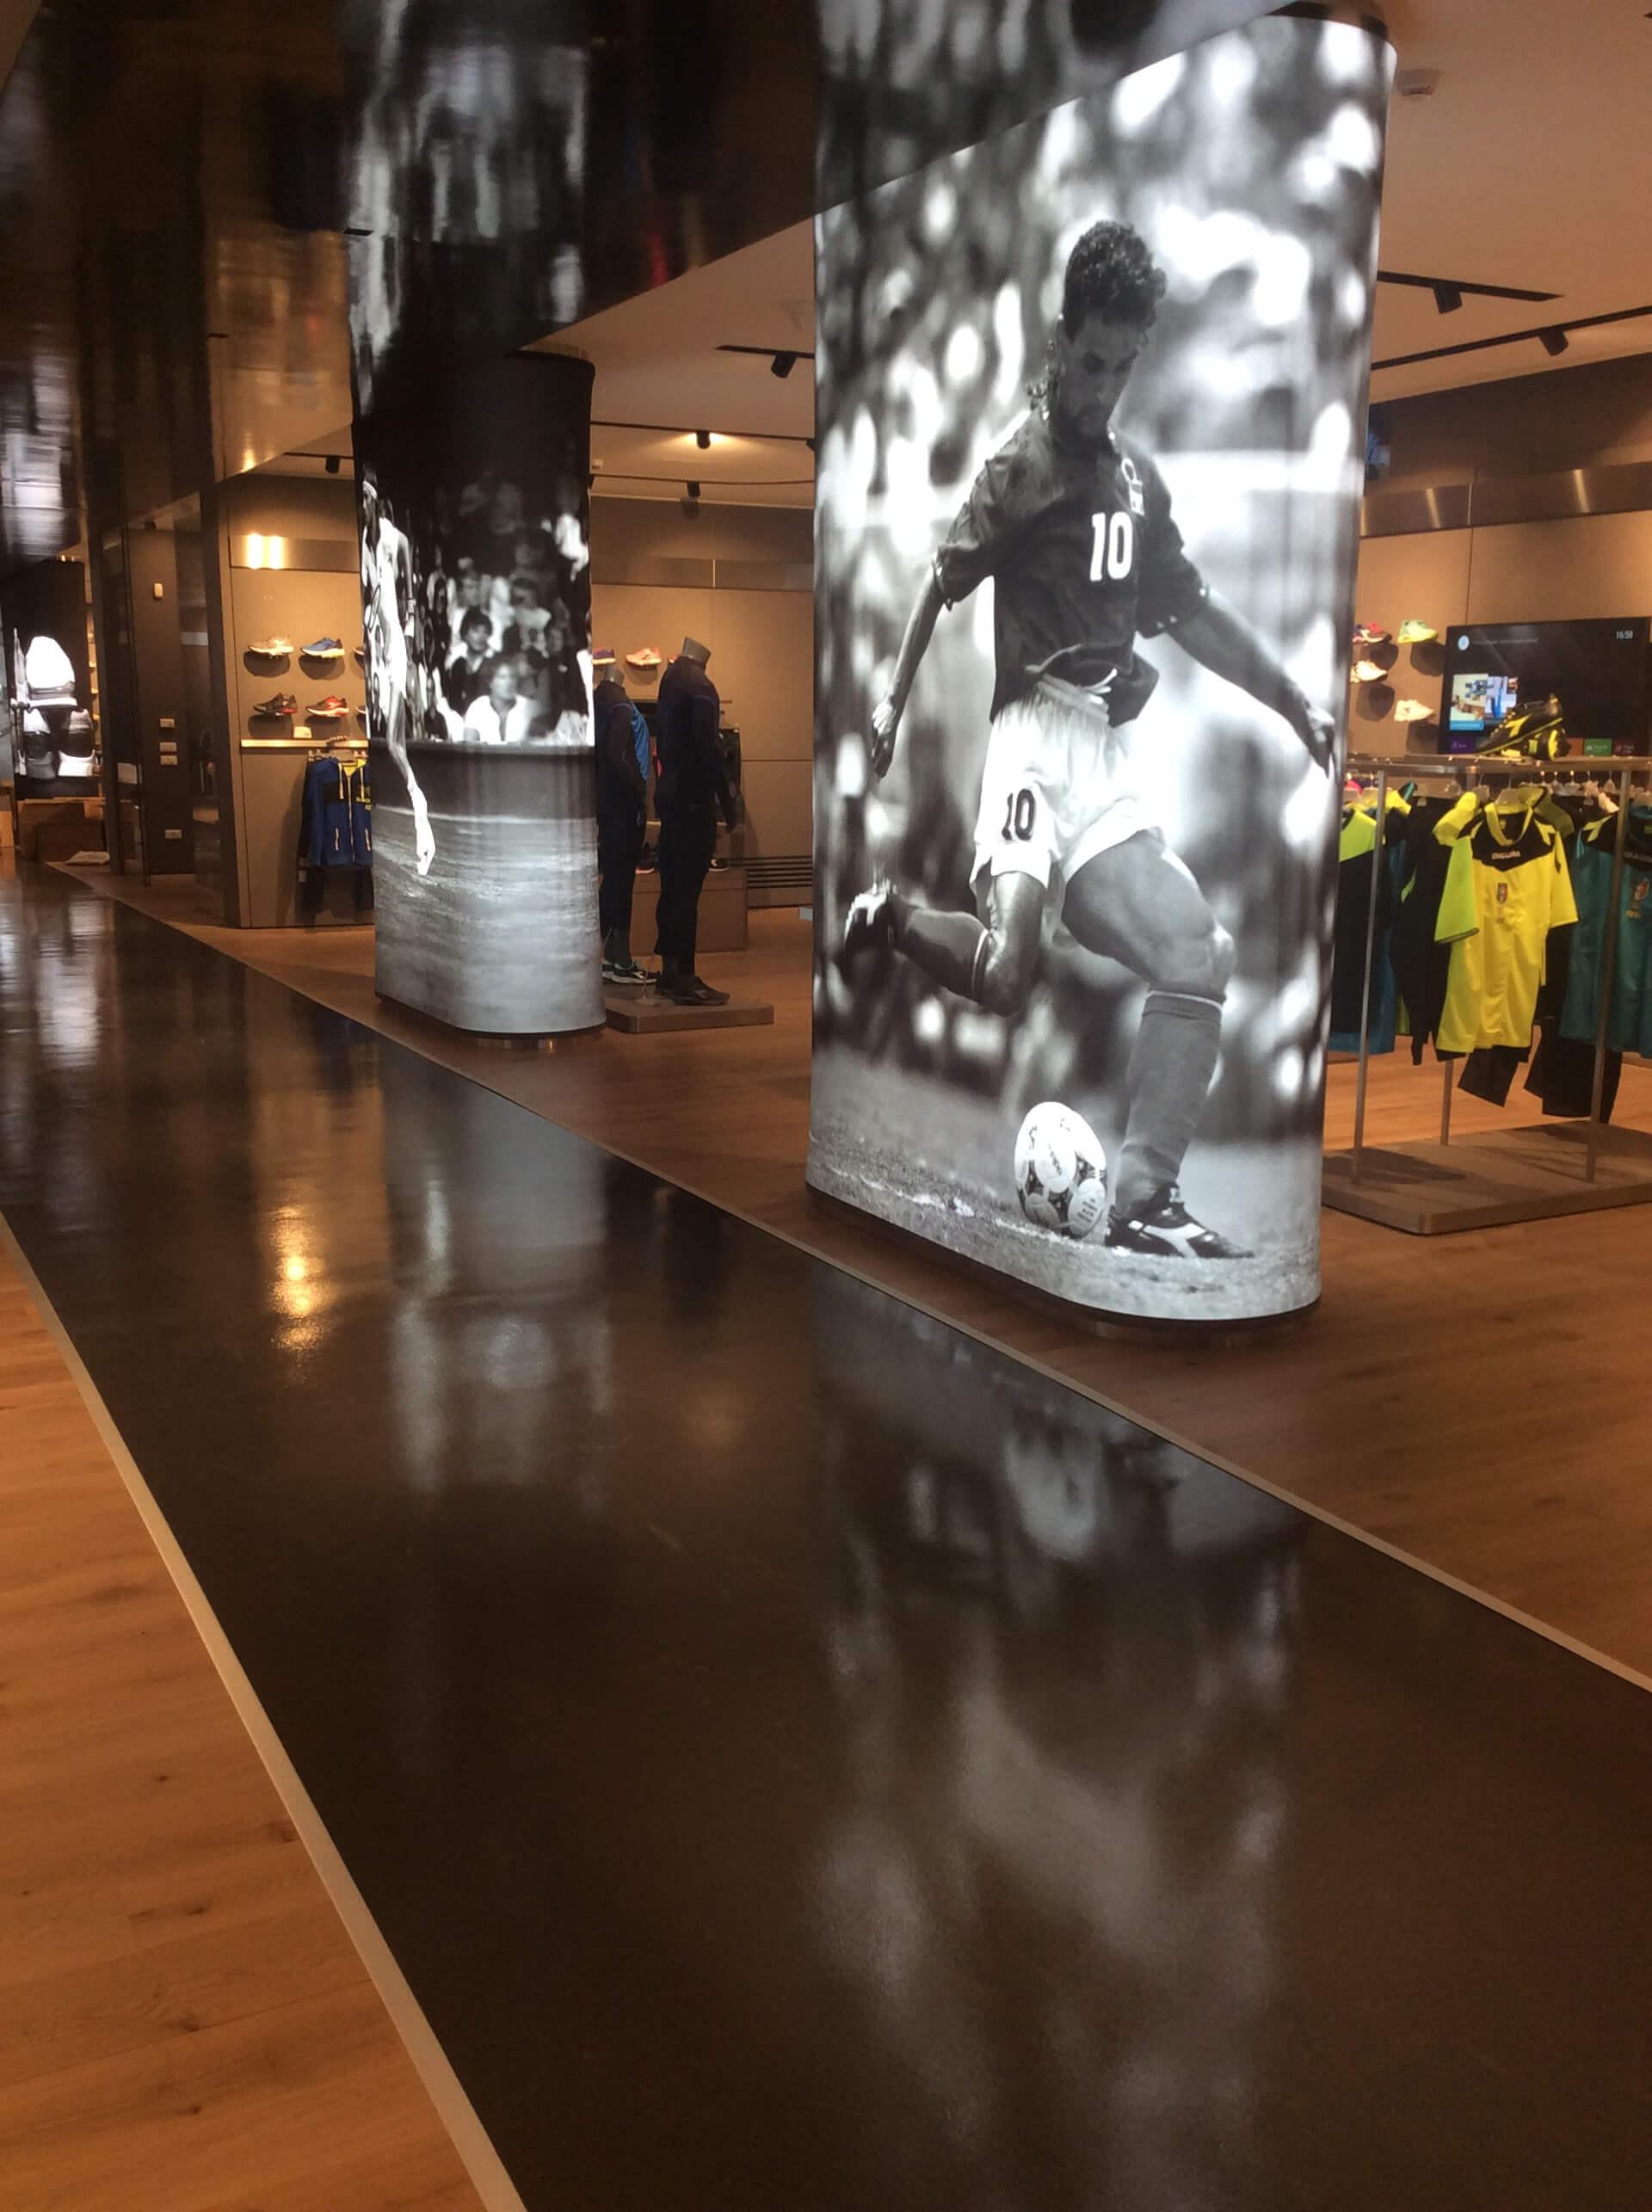 pavimento in resina in un negozio di abbigliamento